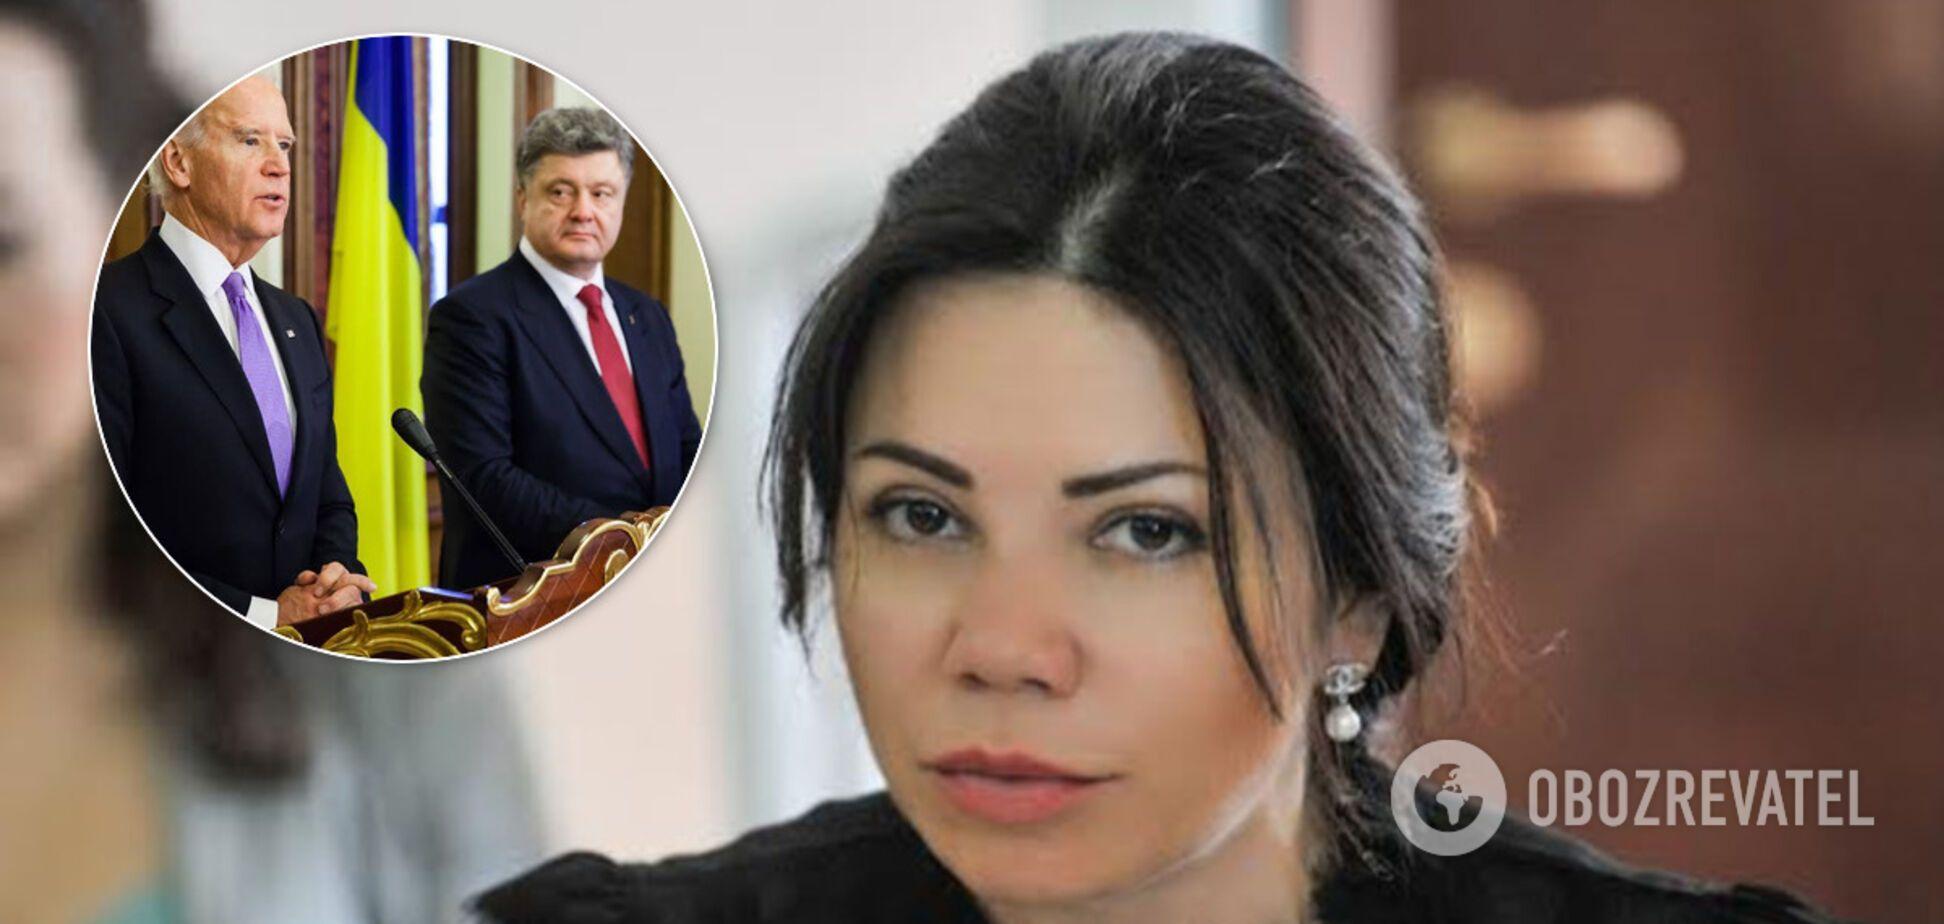 Власти Украины разрушают отношения с США для надуманной атаки на Порошенко – Сюмар